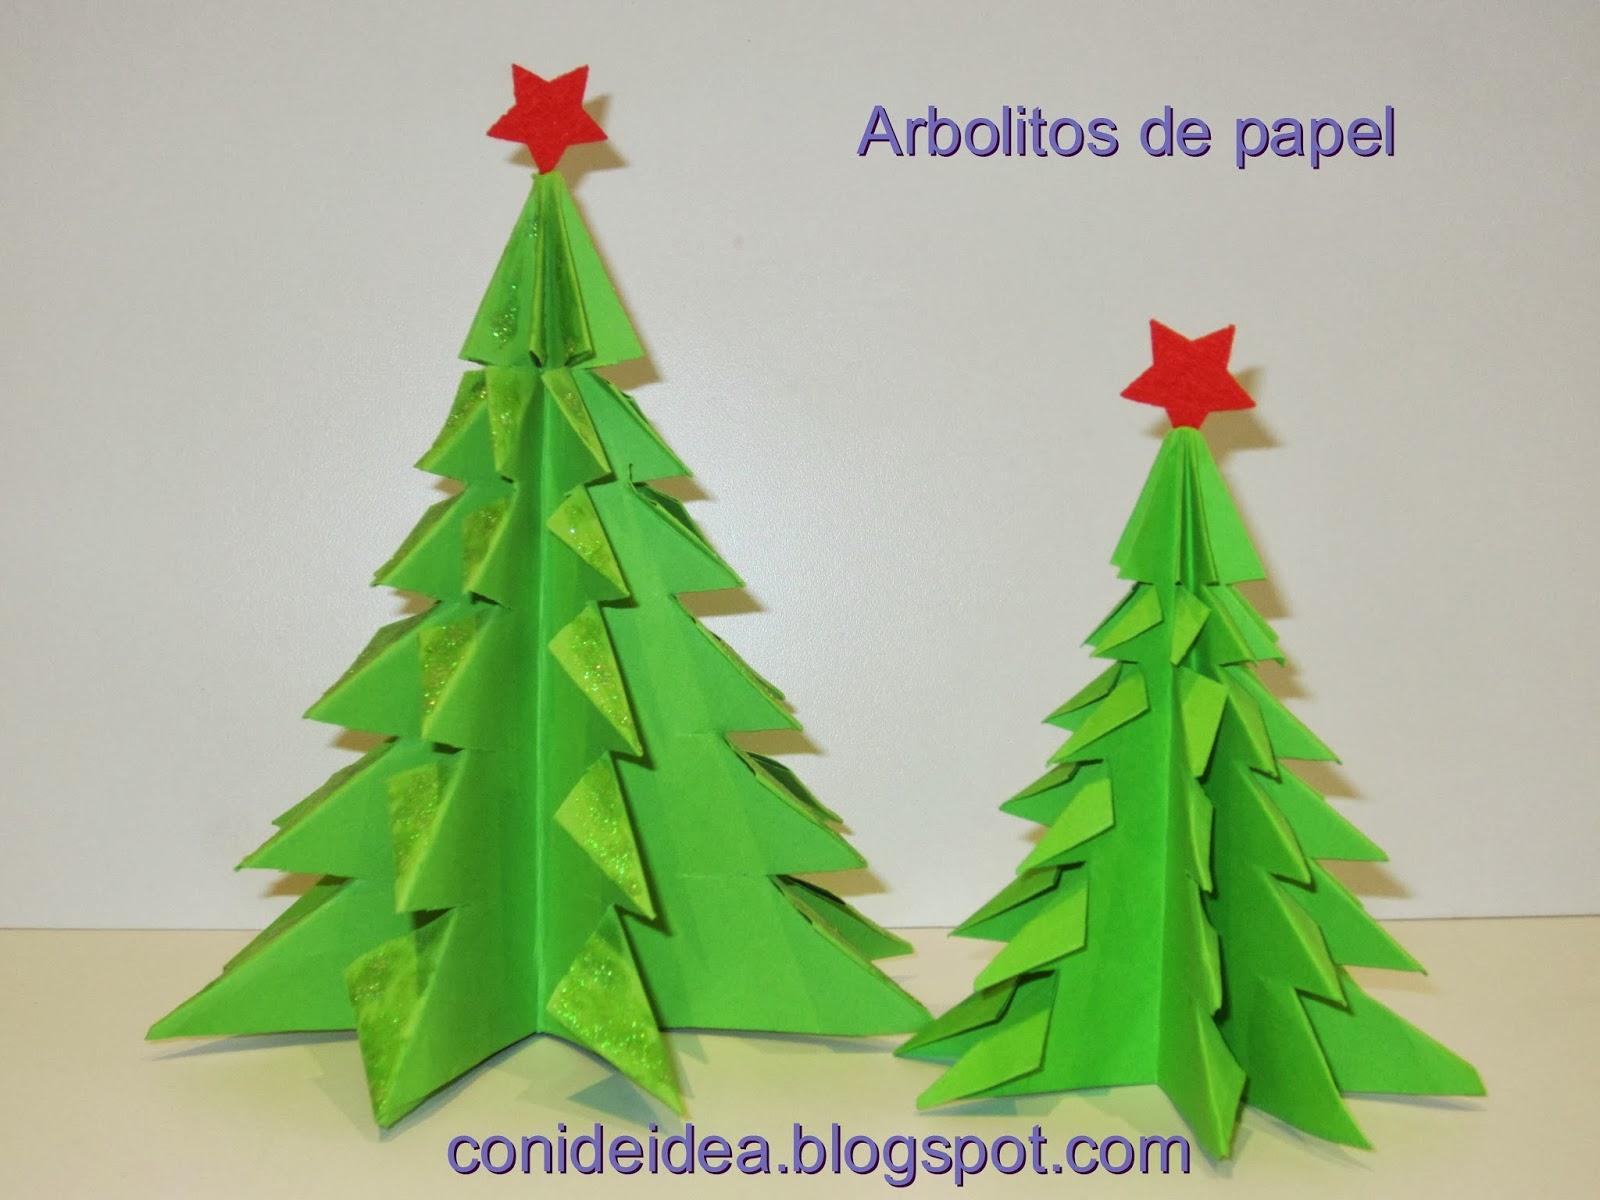 Manualidades con i de idea arbolitos de papel - Arboles de navidad de papel ...